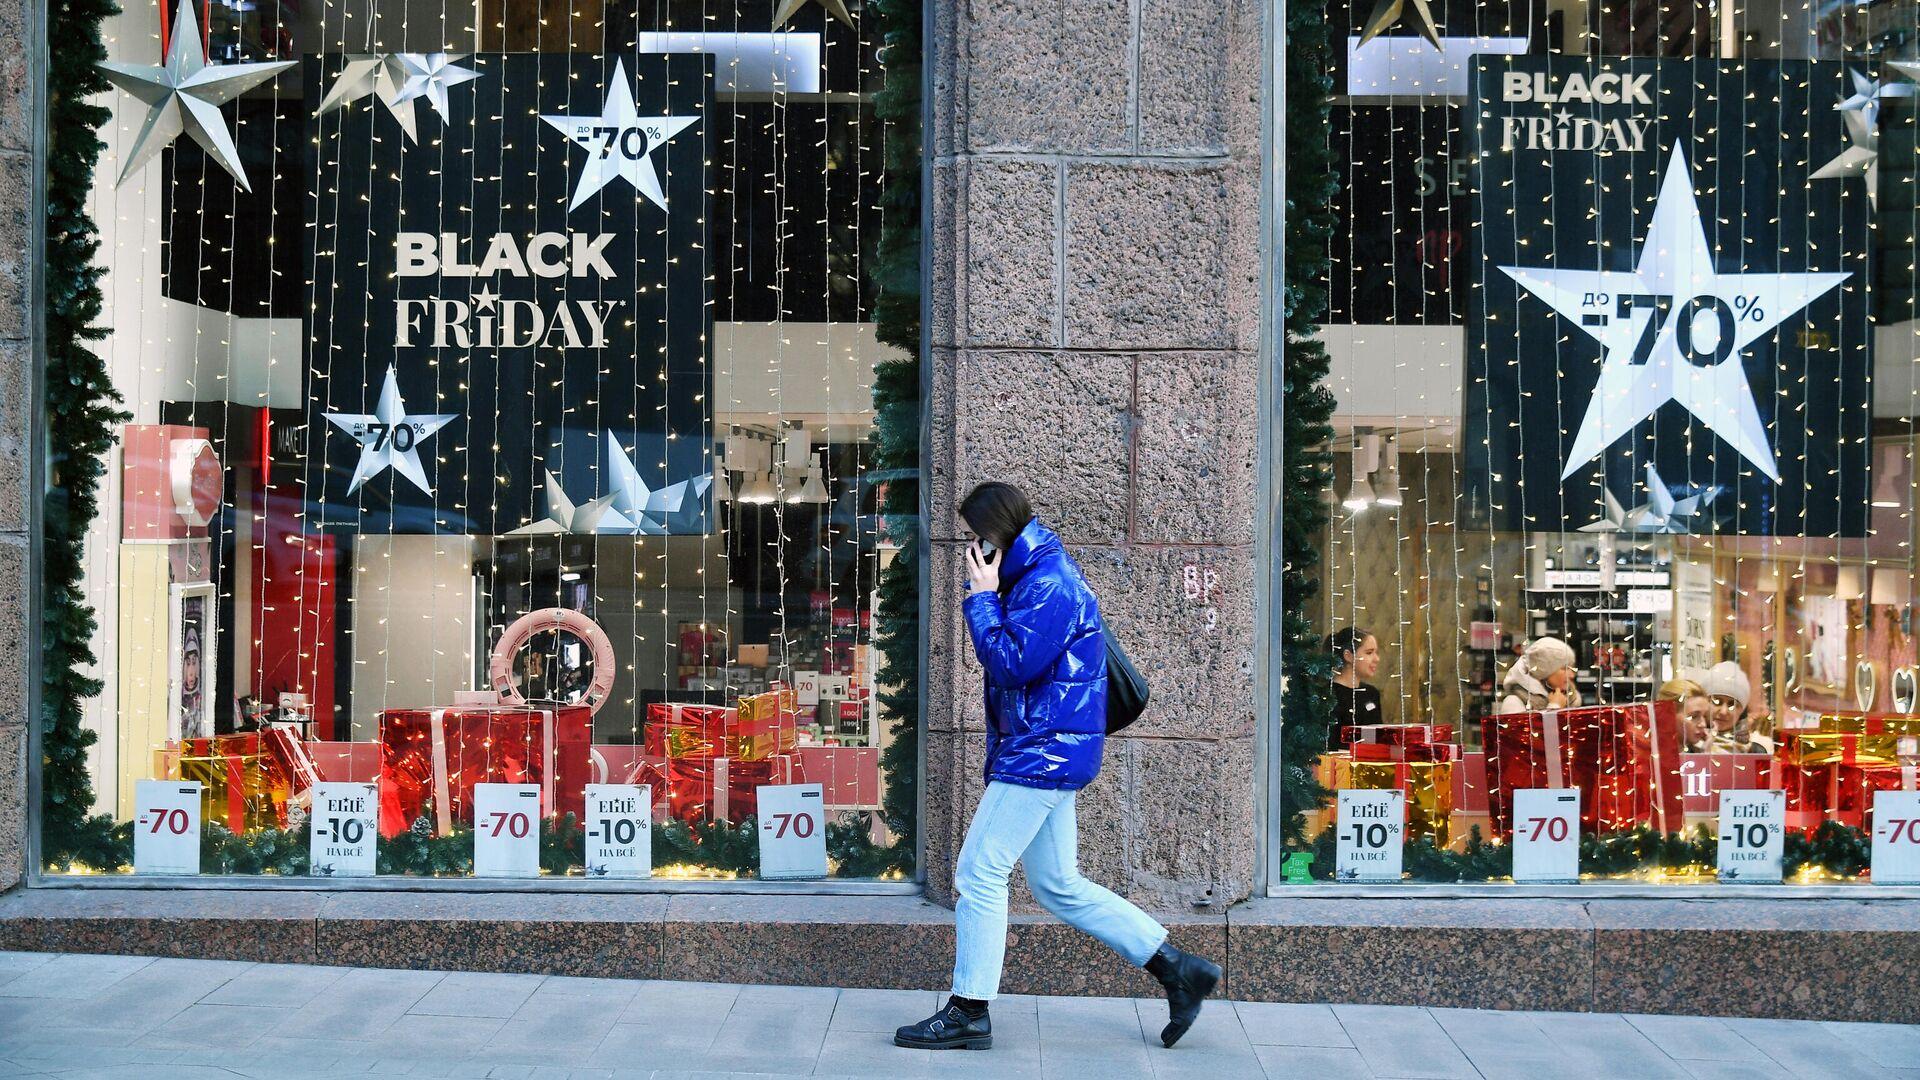 Рекламные банеры в витрине магазина на Тверской улице в Москве - РИА Новости, 1920, 20.11.2020